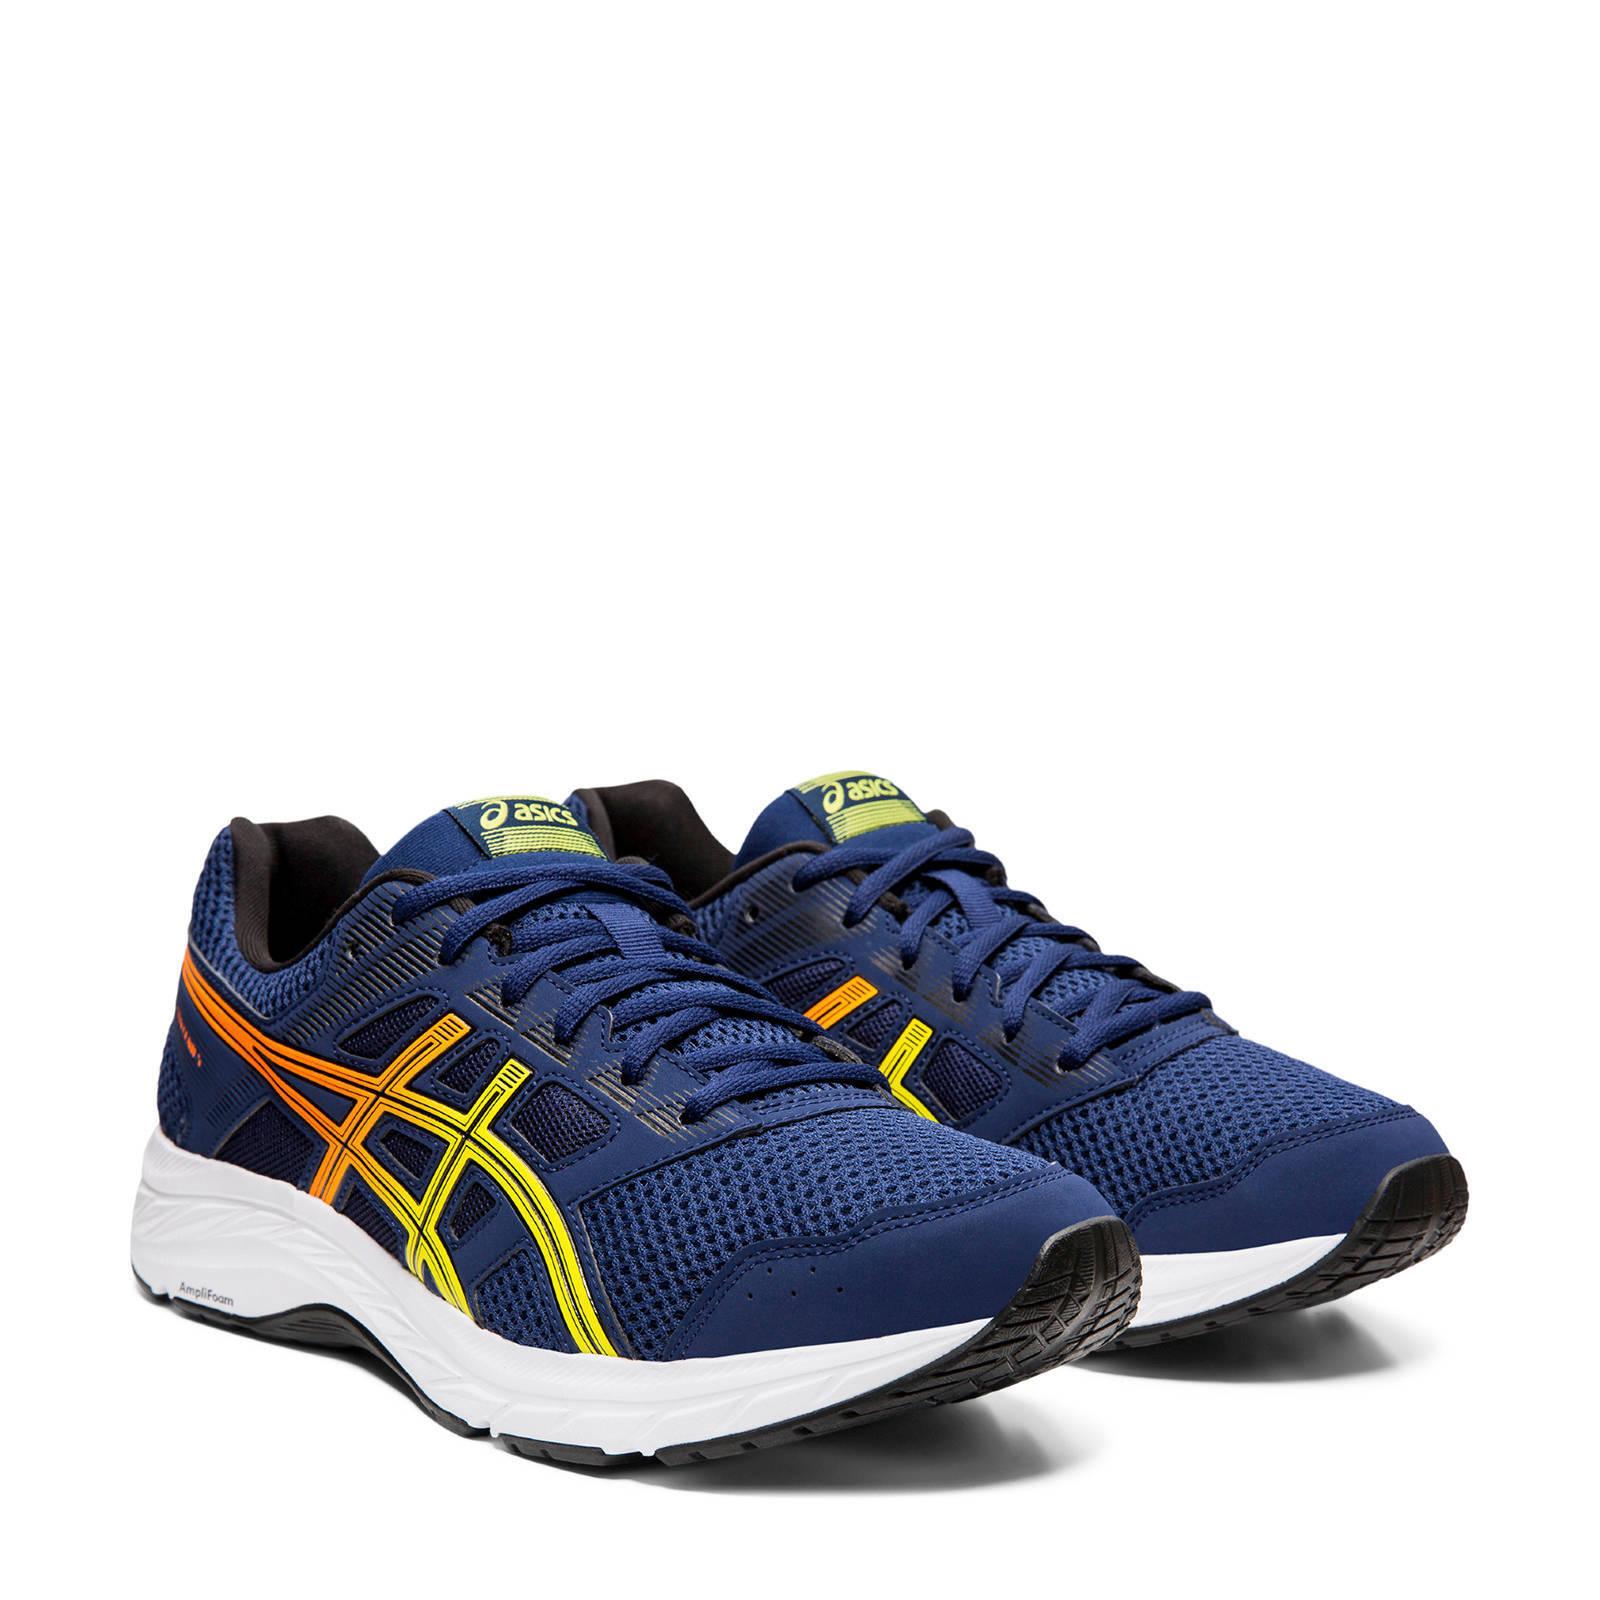 ASICS Gel-contend 5 hardloopschoenen donkerblauw | wehkamp